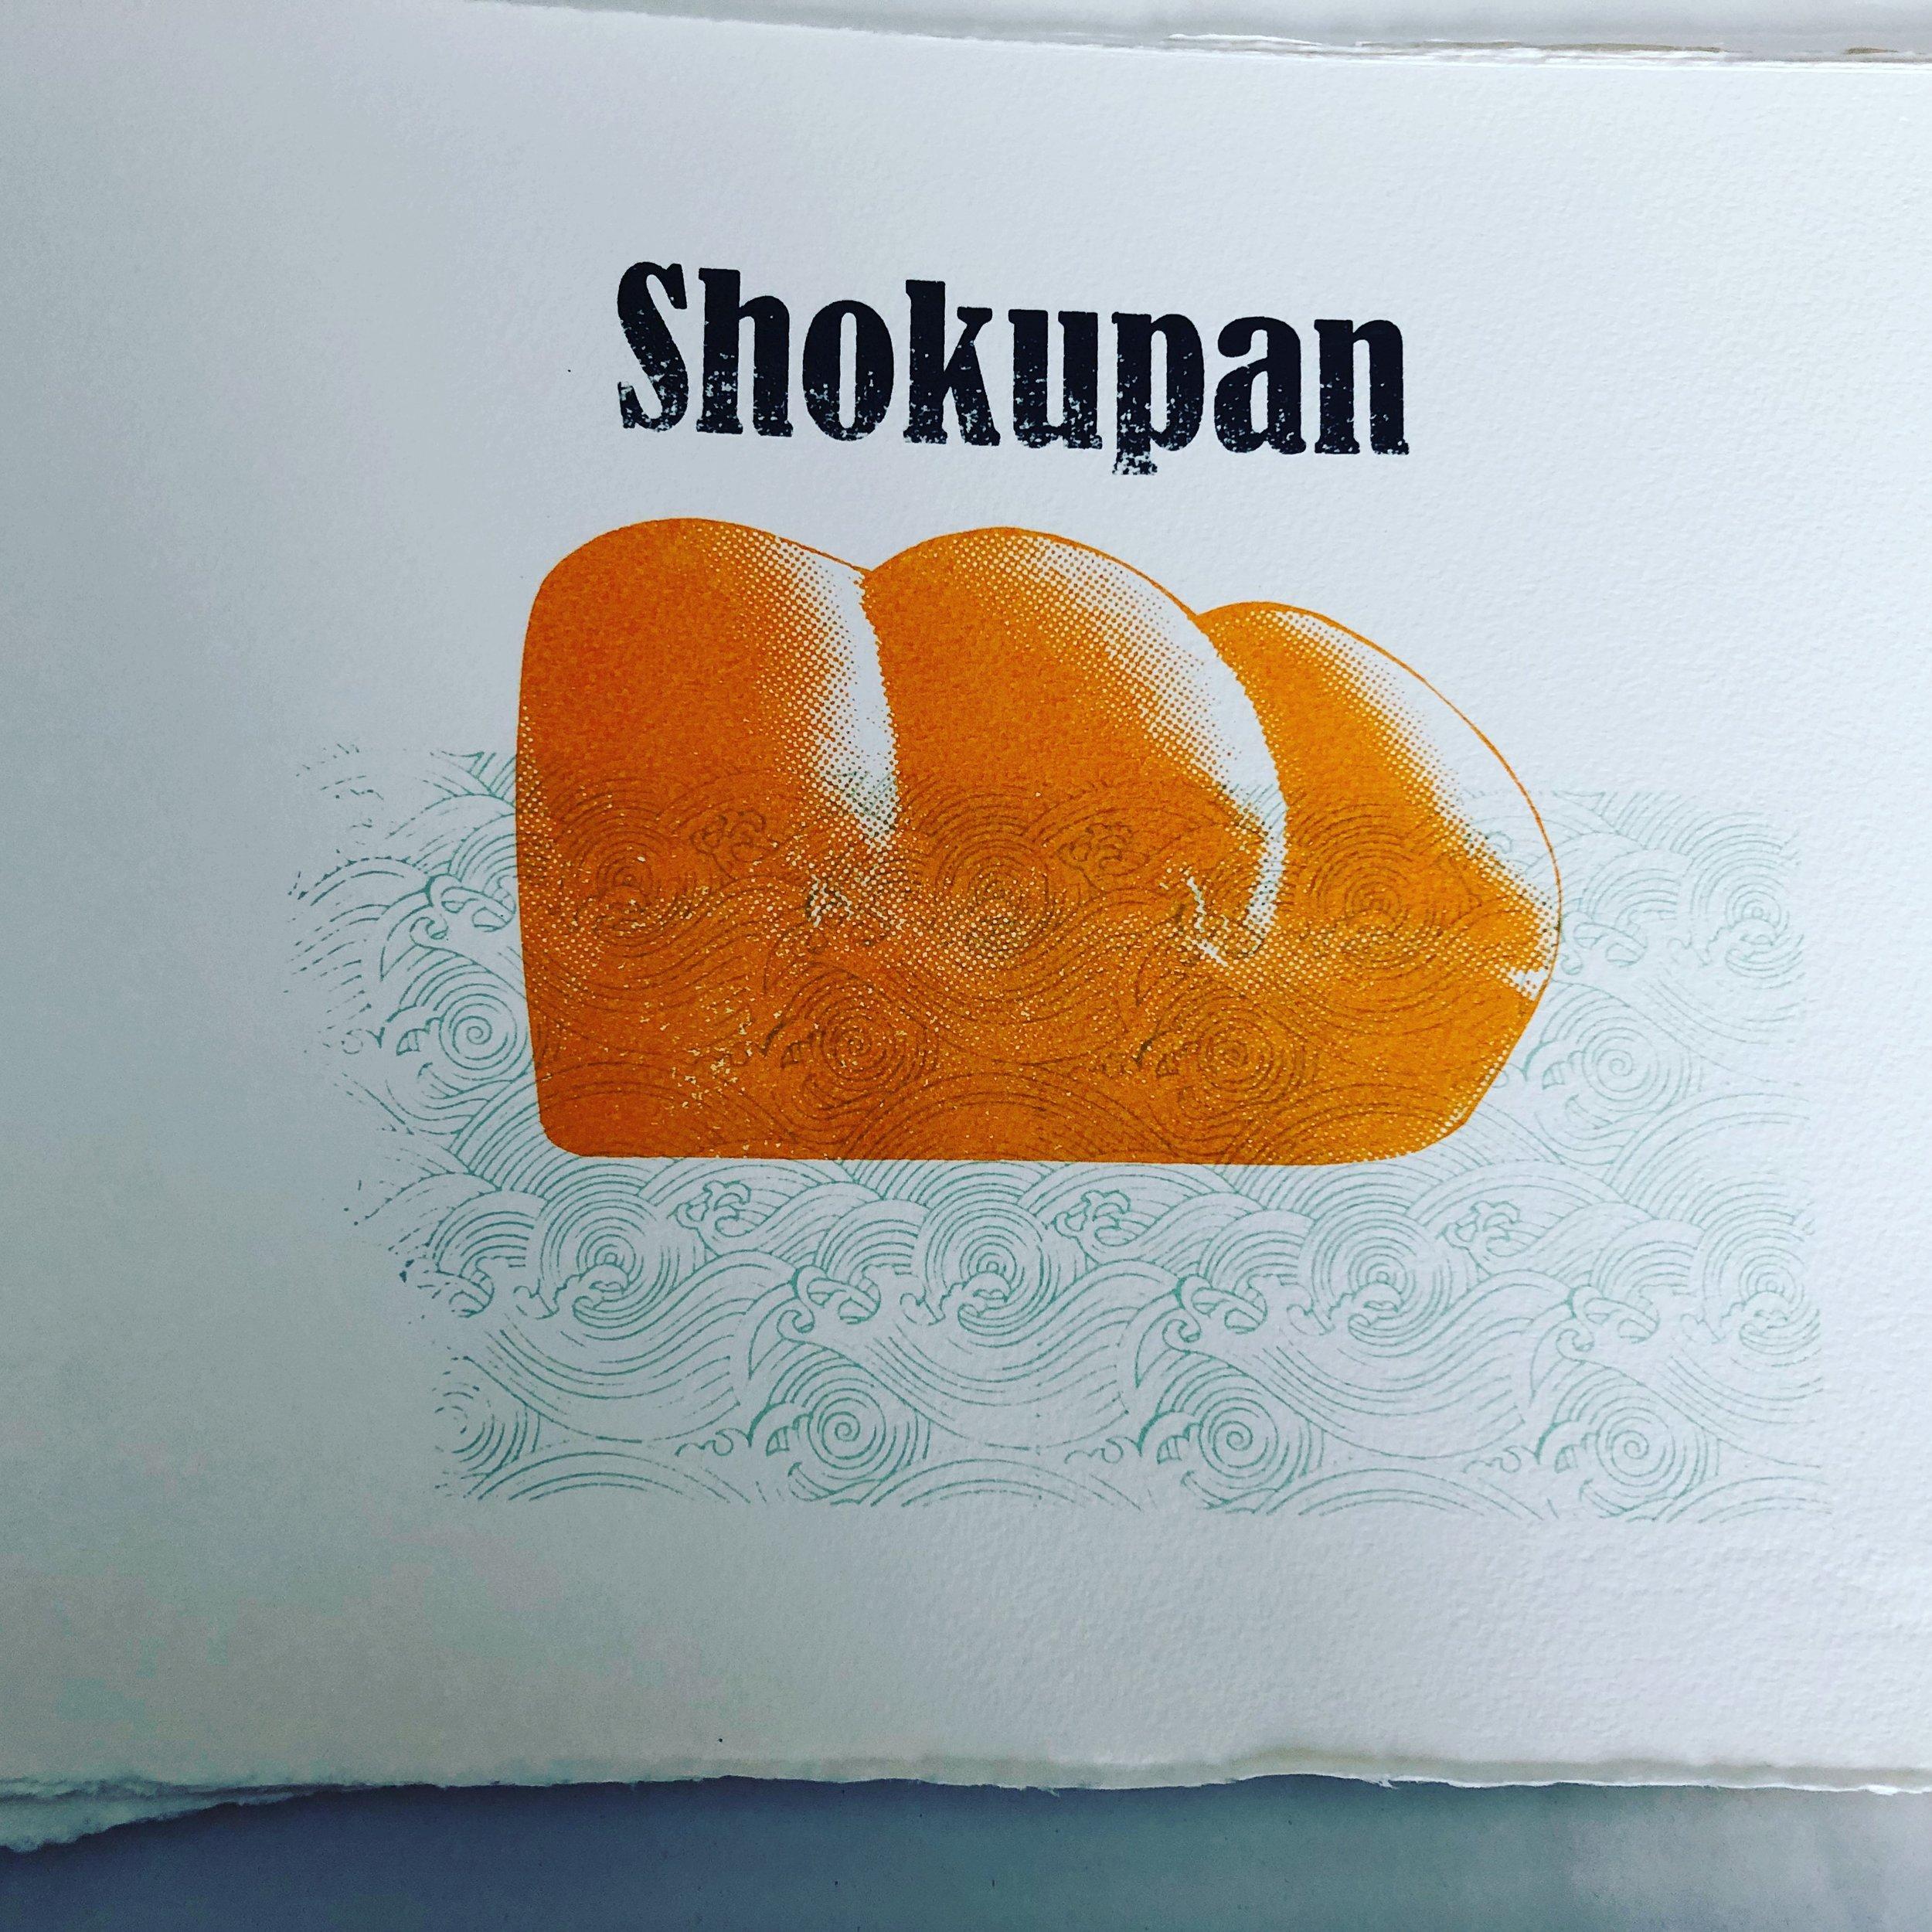 Shokupan